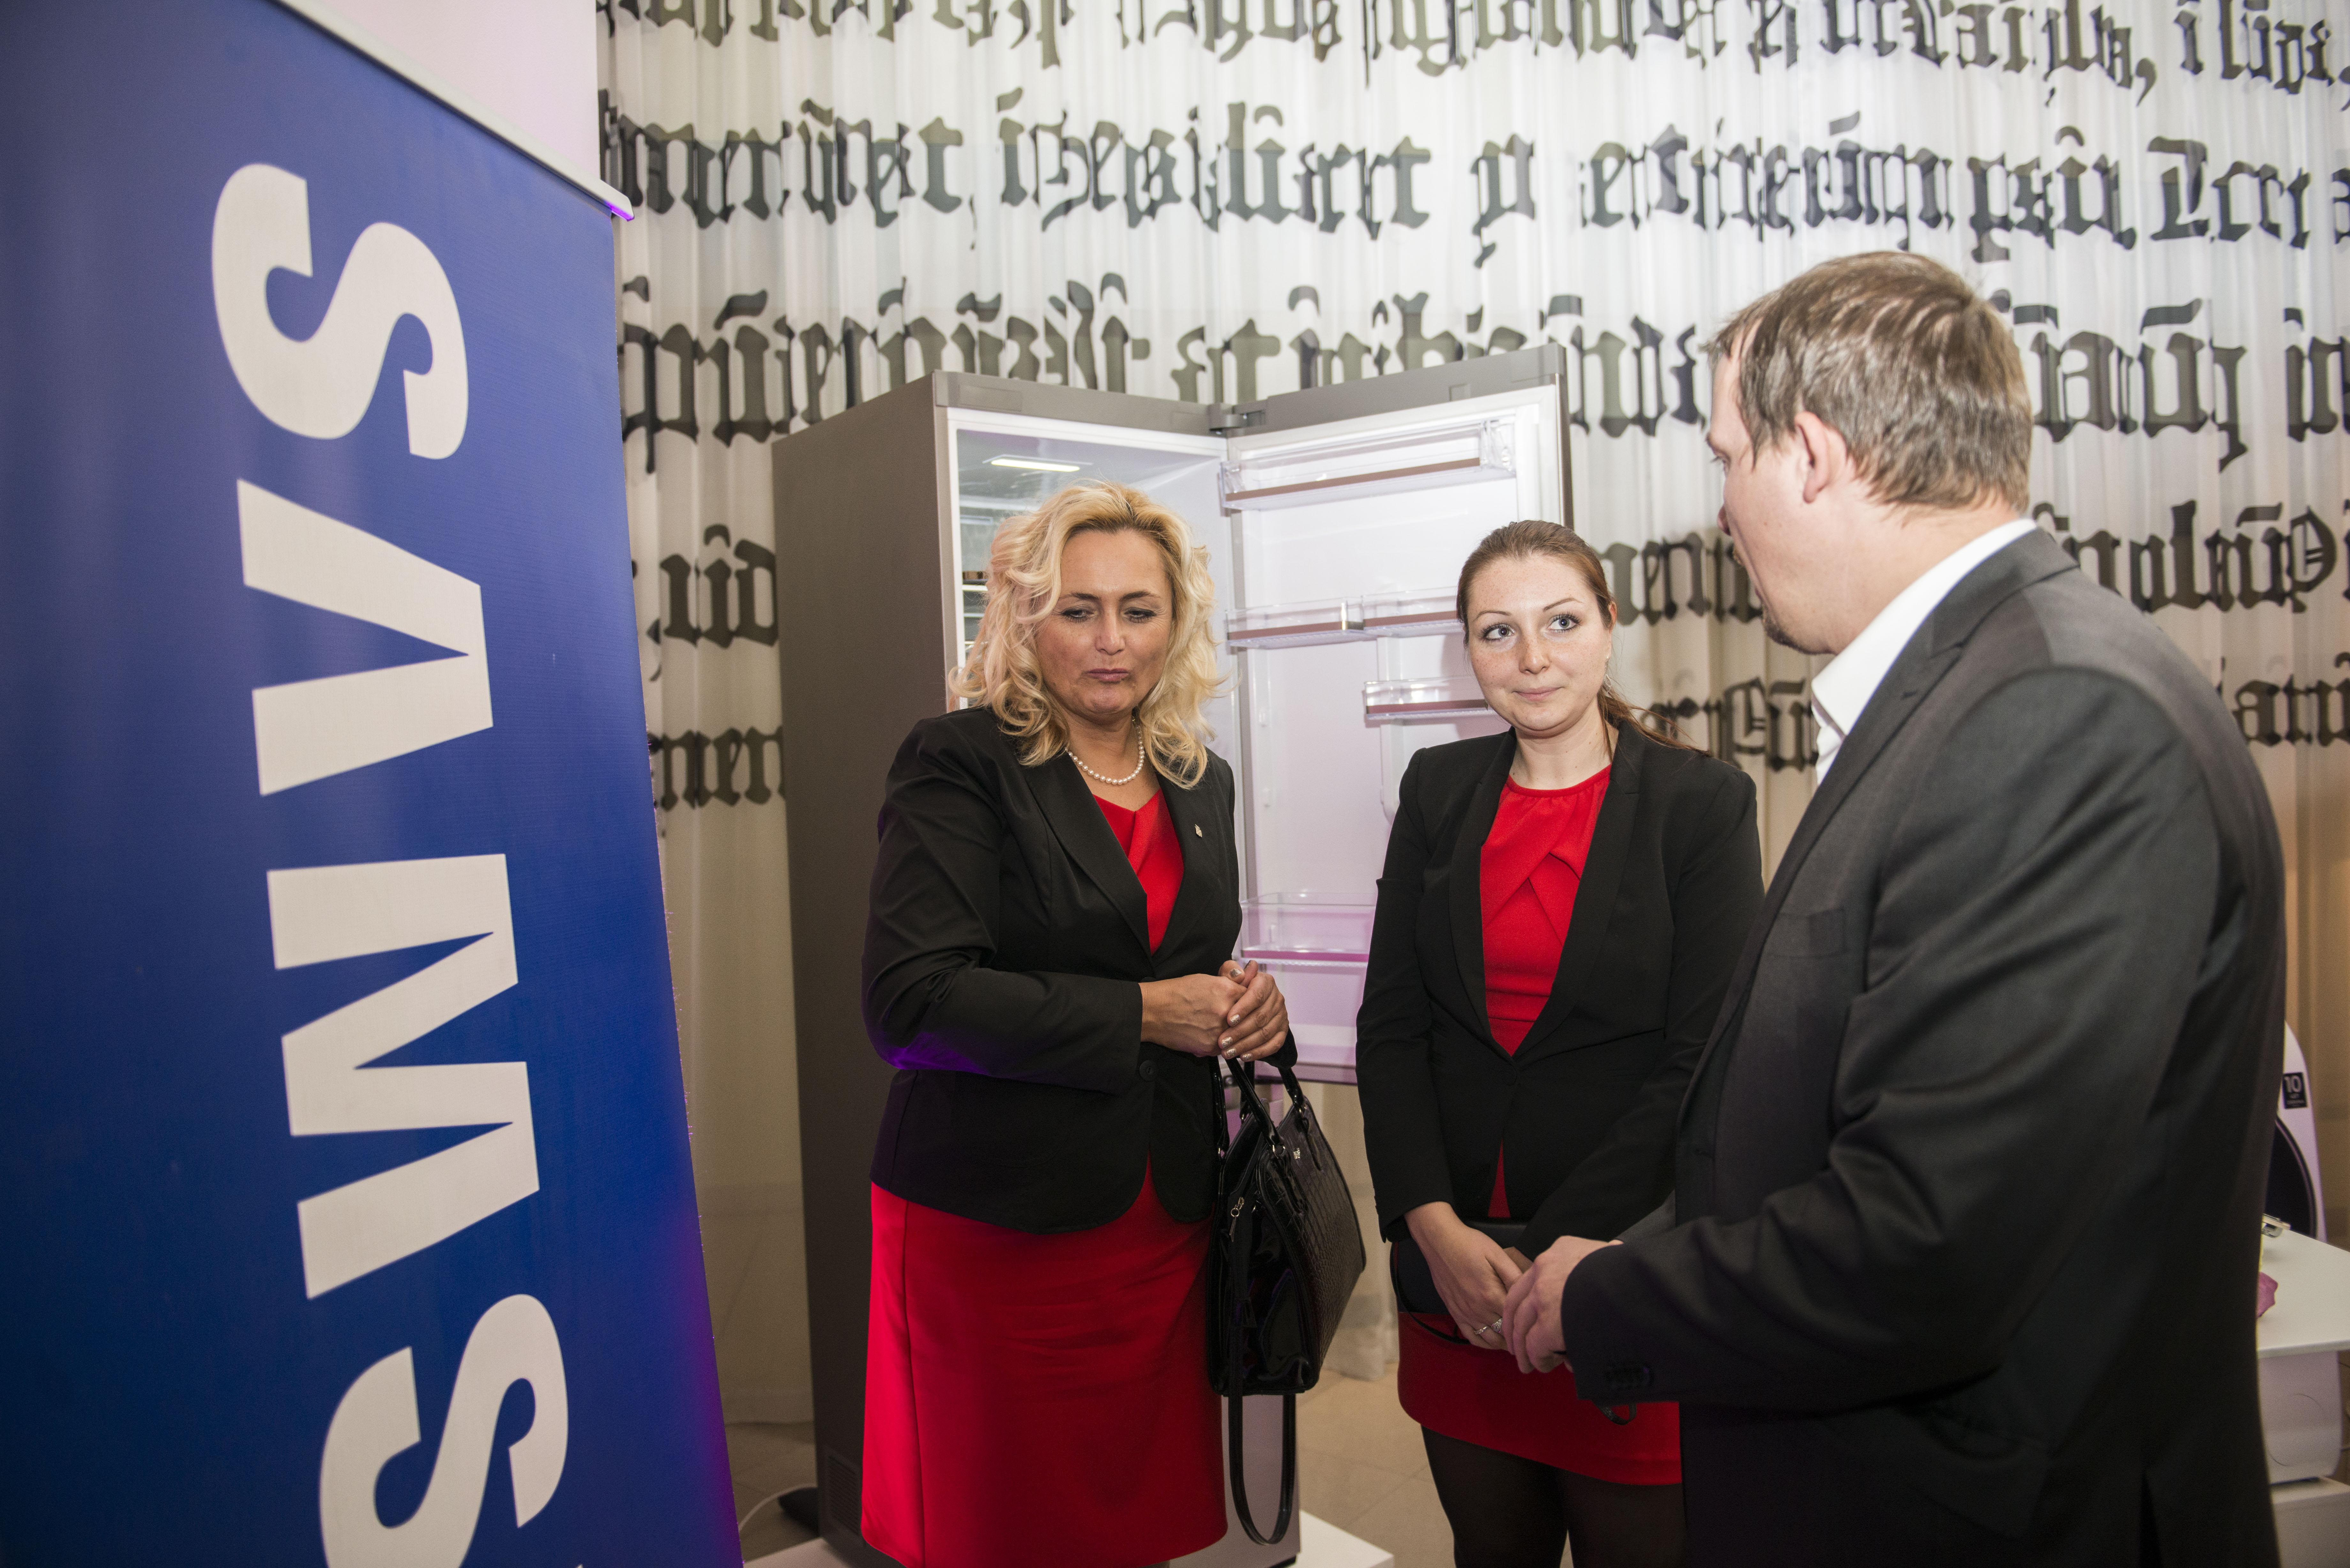 O výrobky partnera večera, Samsung, se zajímala také Zuzana Celarová-Petrofová sdcerou Annou